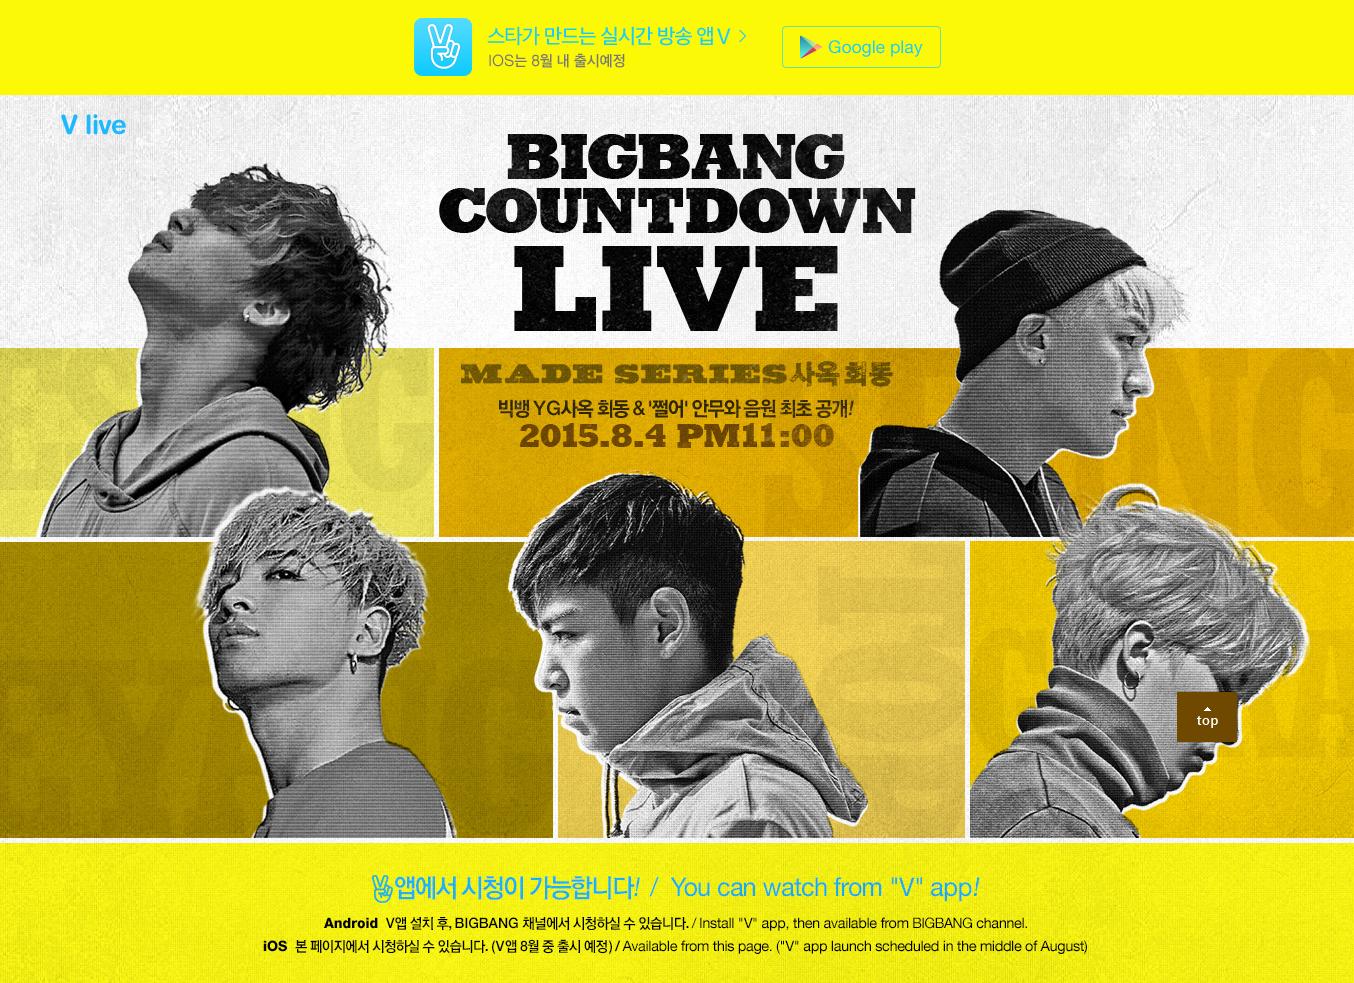 Big Bang từng thực hiện Big Bang Countdown Live trên Vlive.tv